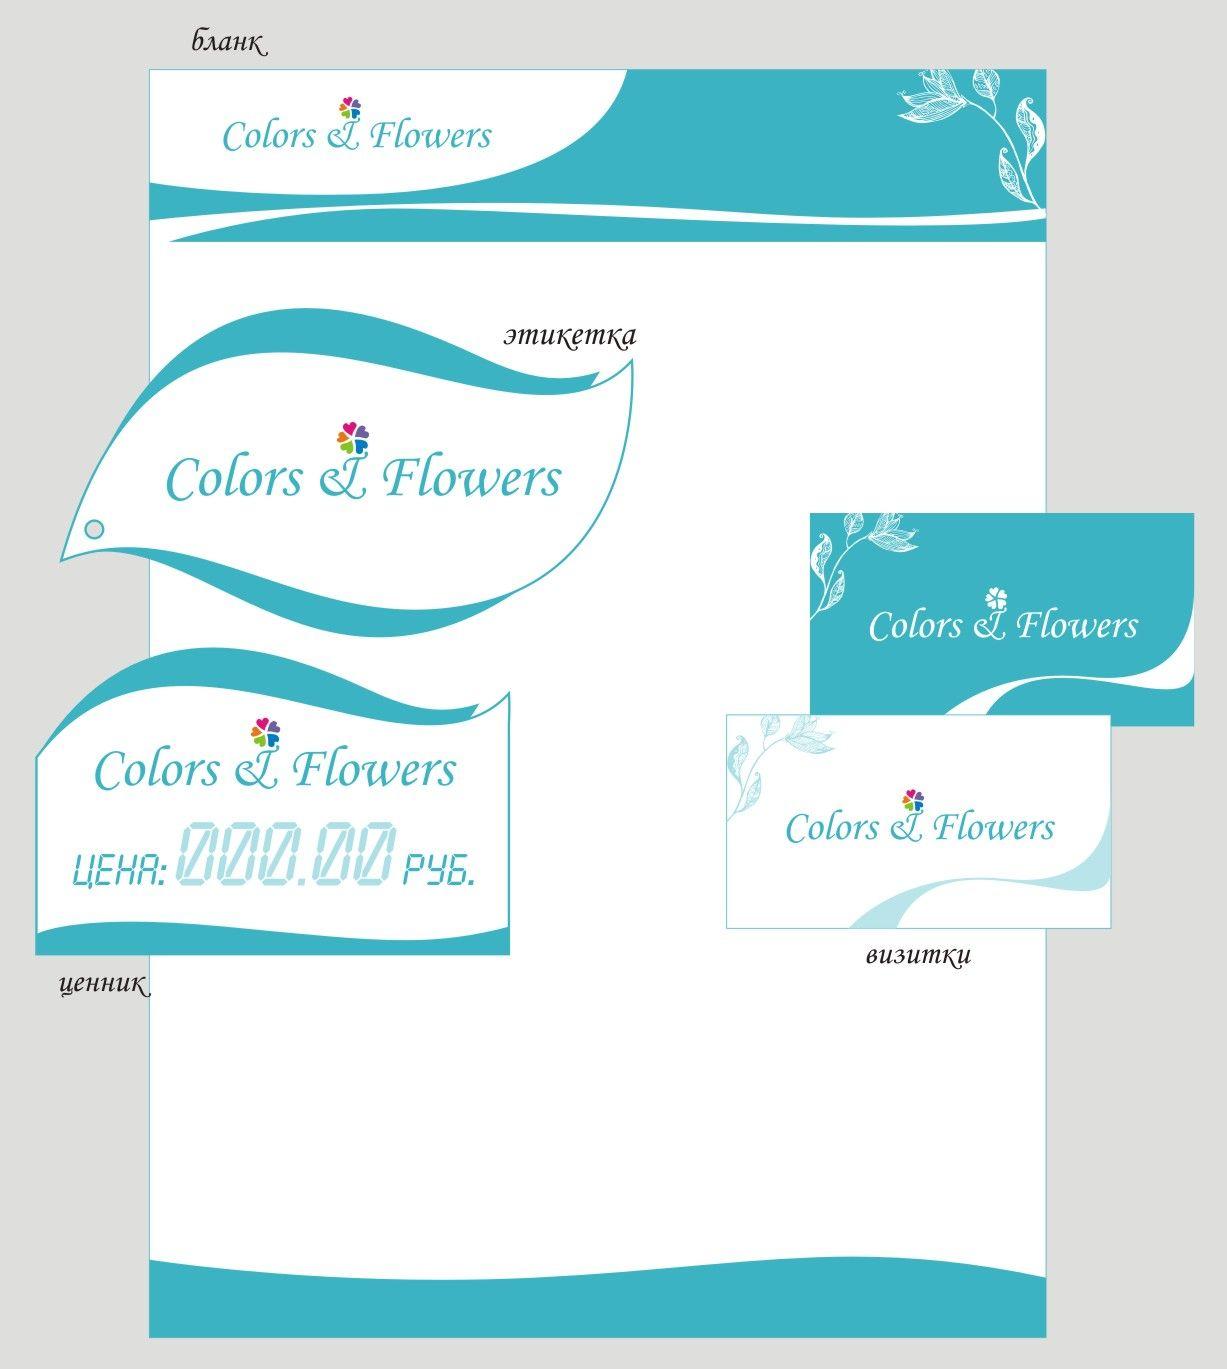 Colors & Flowers Логотип и фирменный стиль - дизайнер salavat_staff